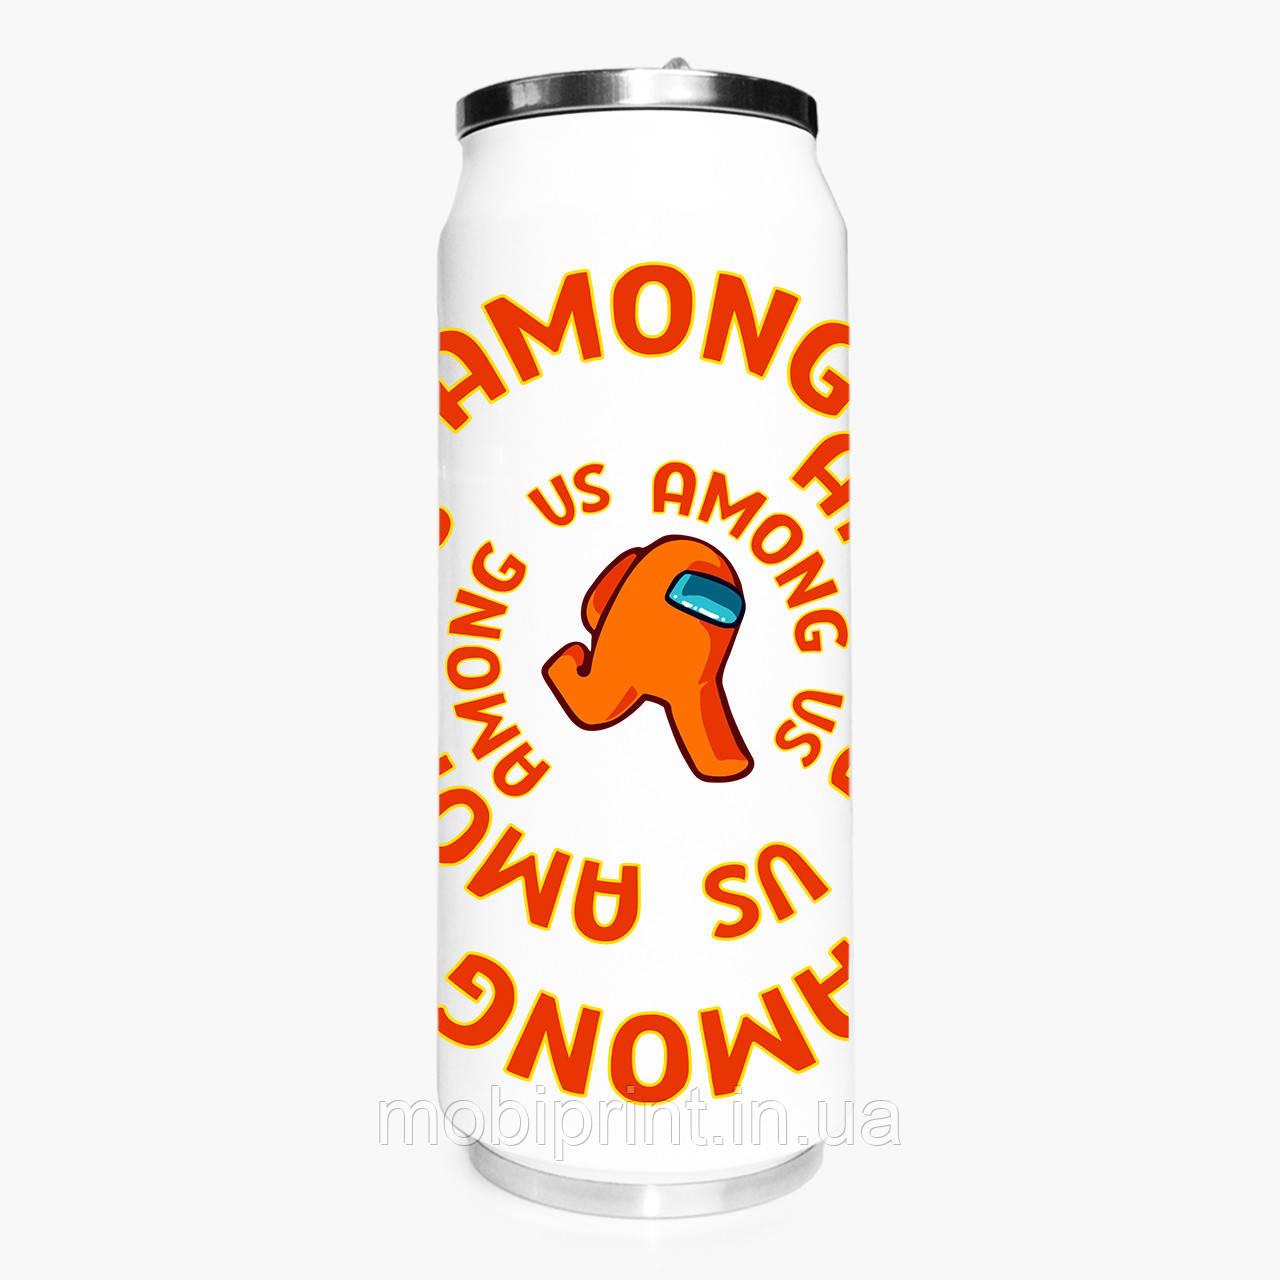 Термобанка Амонг Ас Помаранчевий (Among Us Orange) 500 мл (31091-2408-1) термокружка з нержавіючої сталі